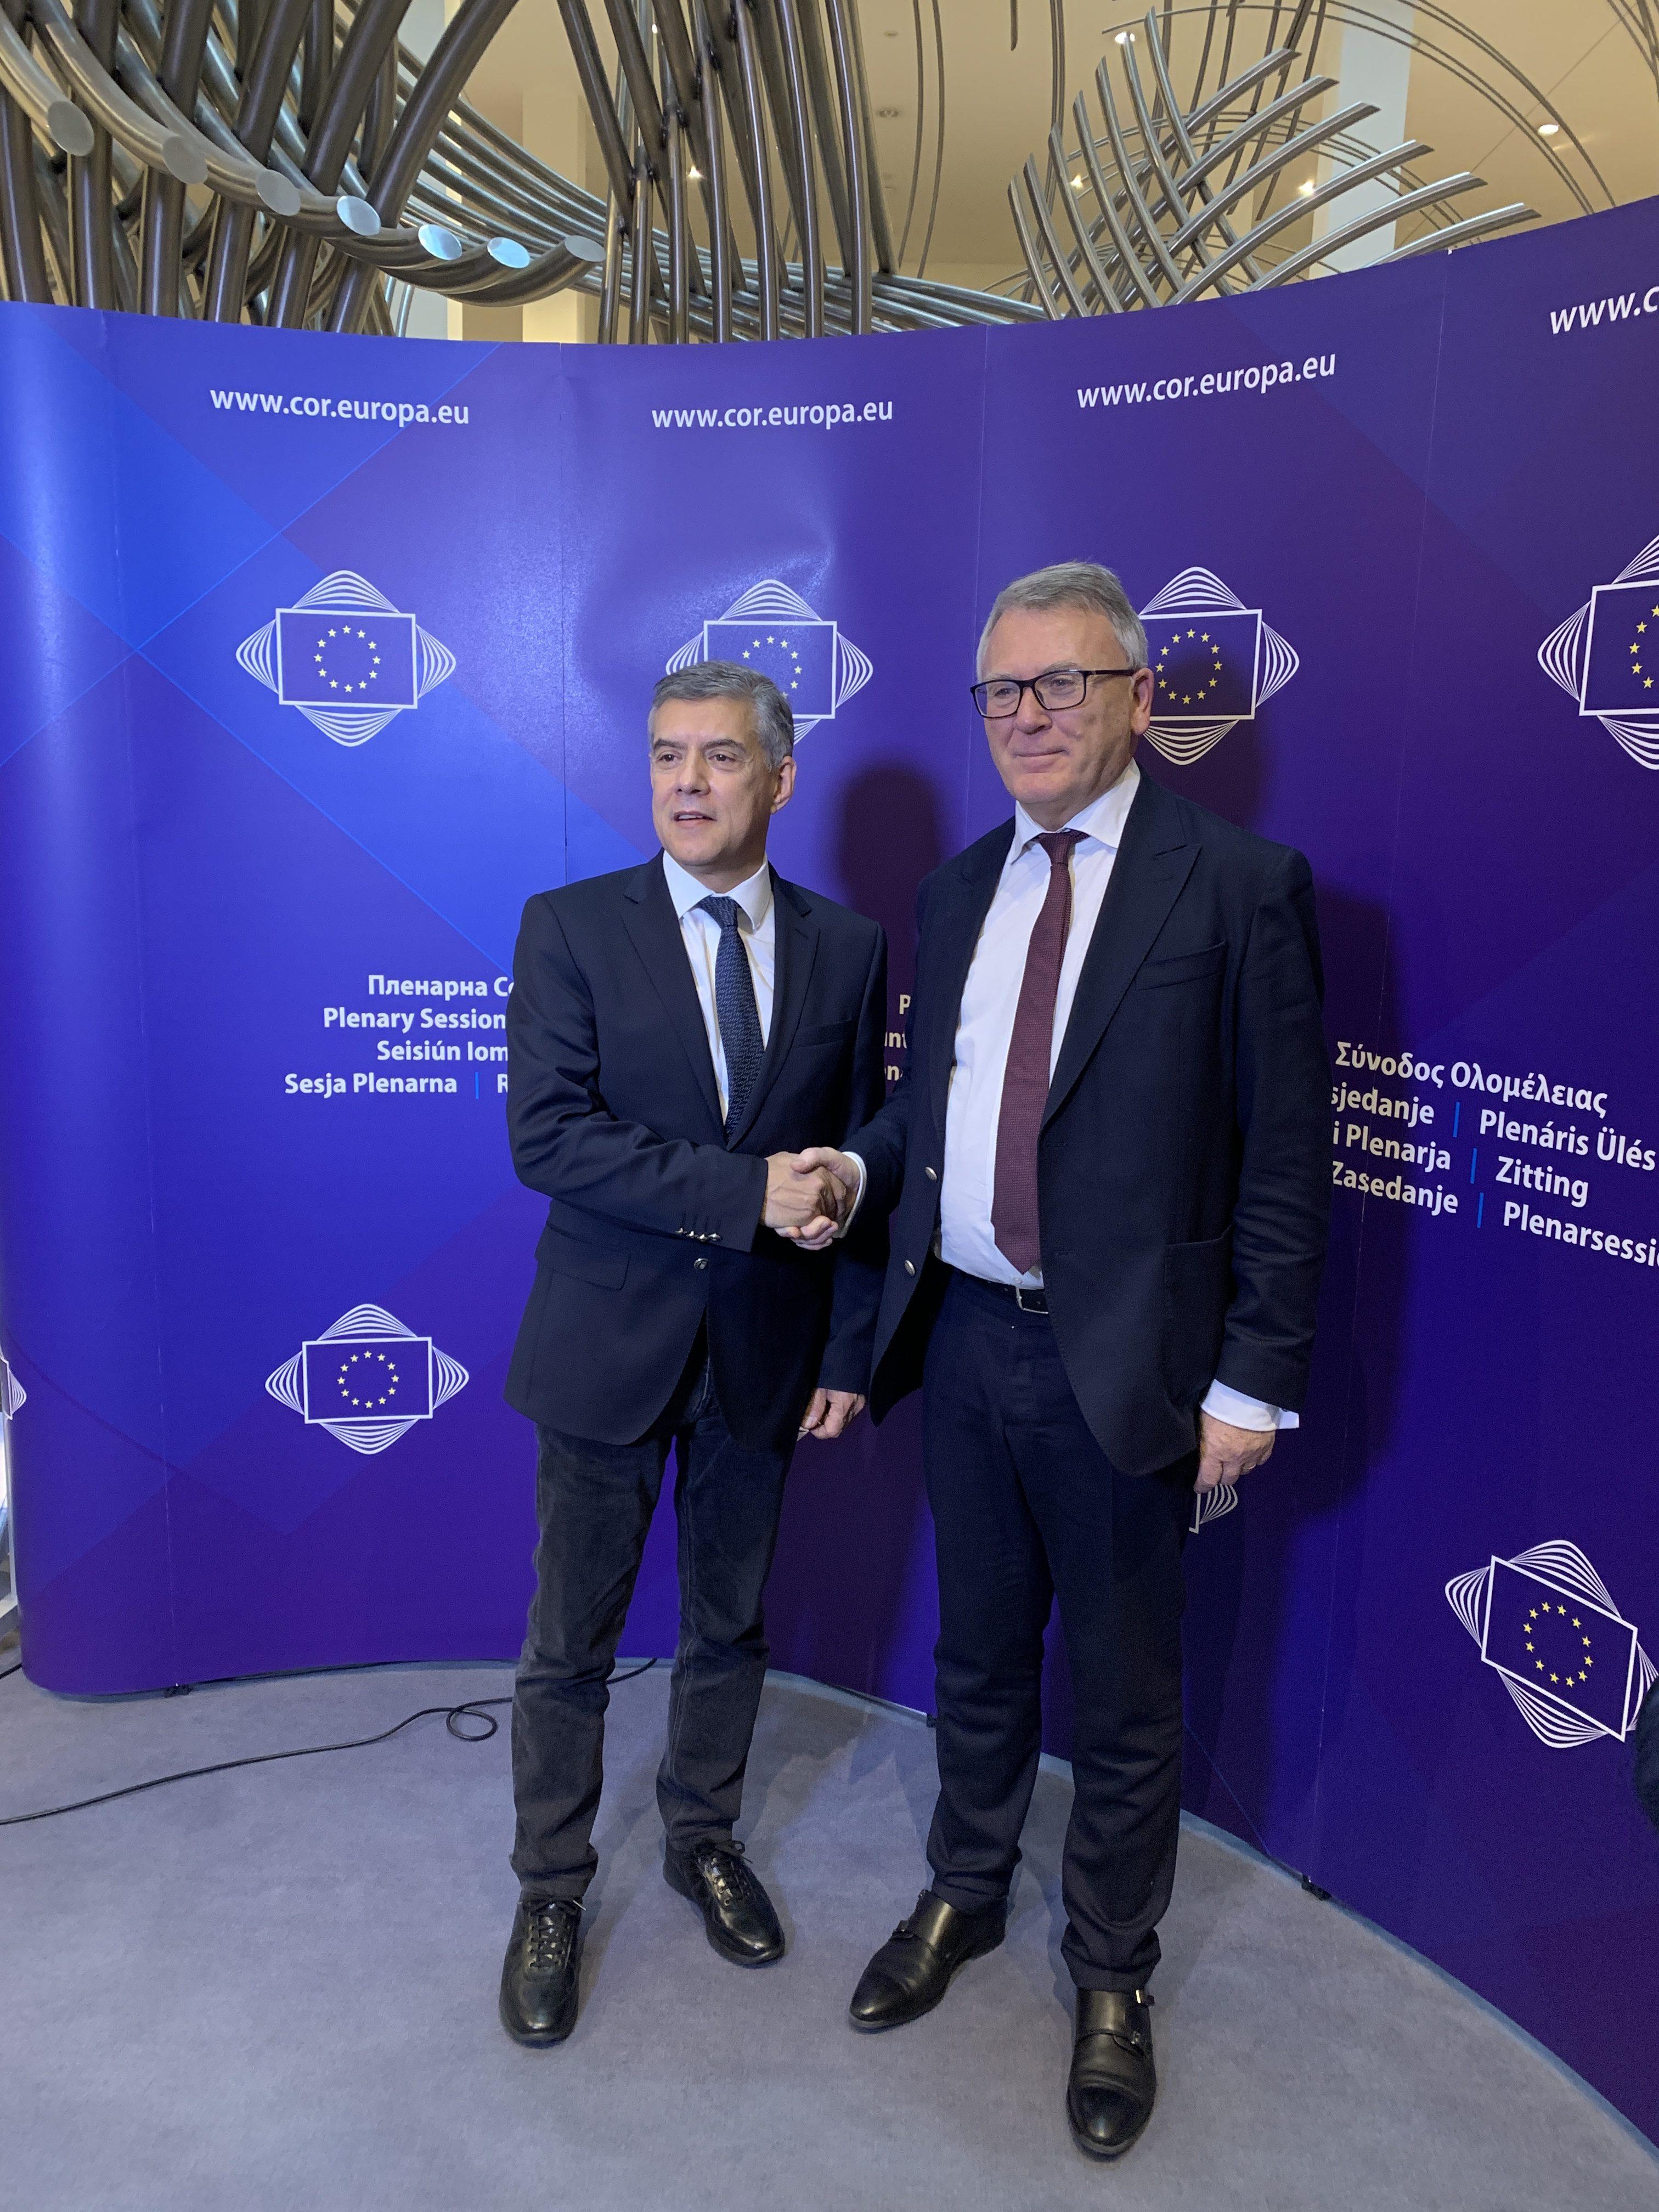 Ο Αγοραστός στην Ολομέλεια της Επιτροπής των Περιφερειών στις Βρυξέλλες: Παρέμβαση για το μεταναστευτικό